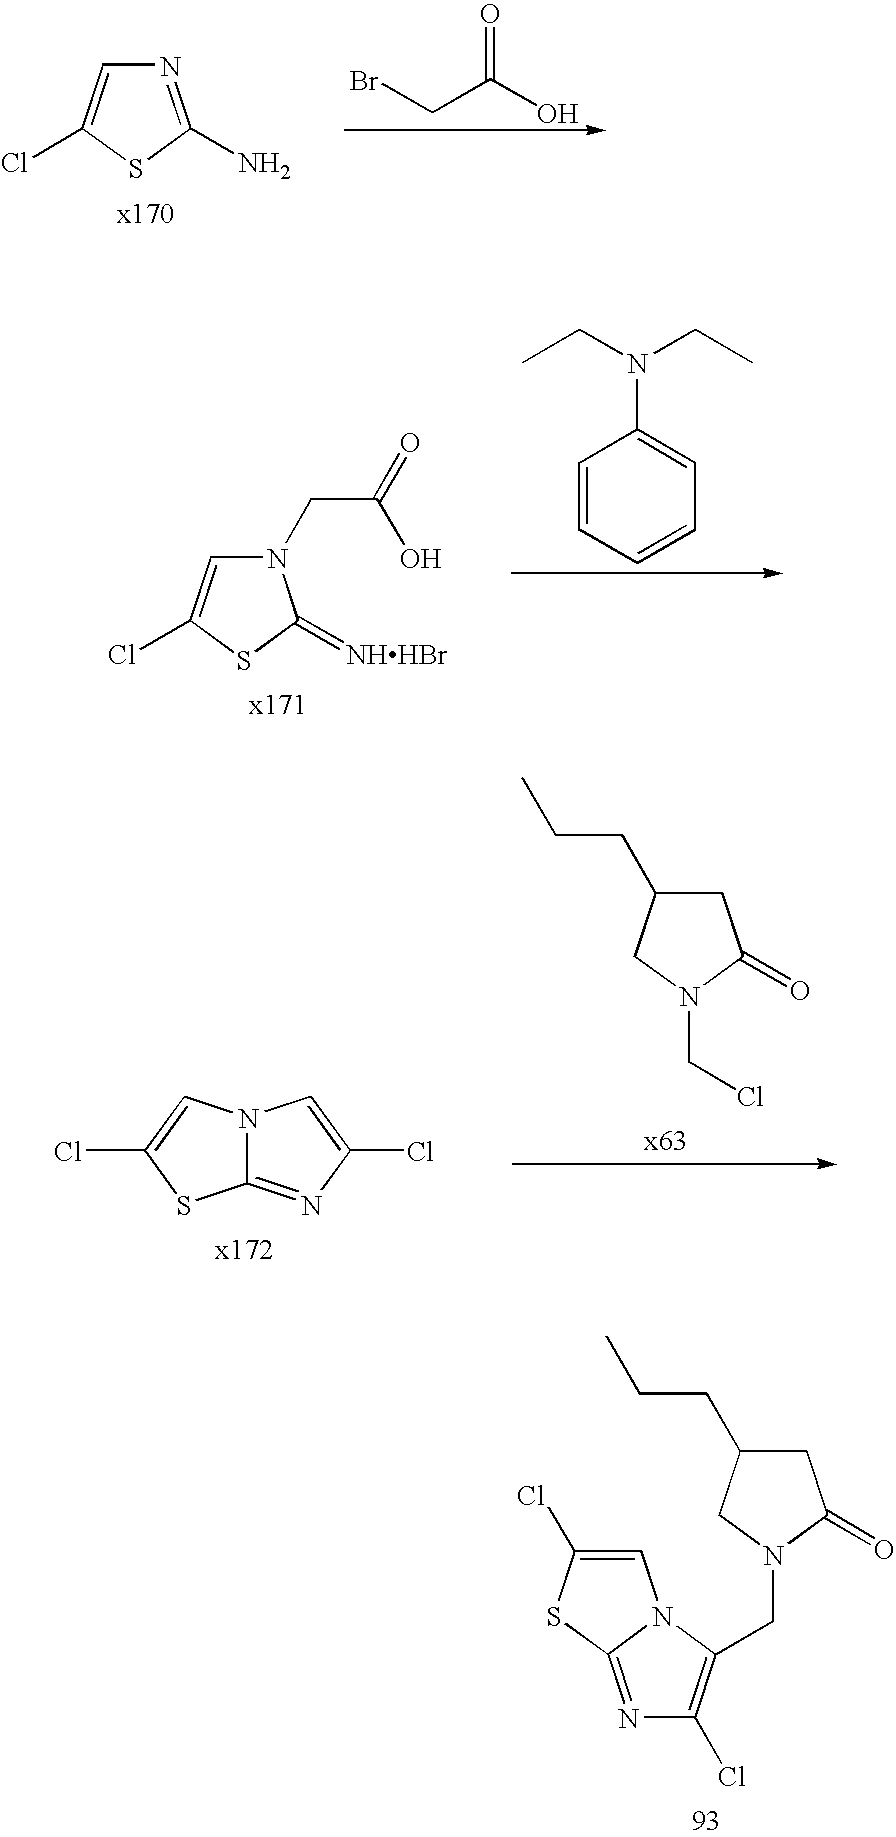 Figure US08178533-20120515-C00092